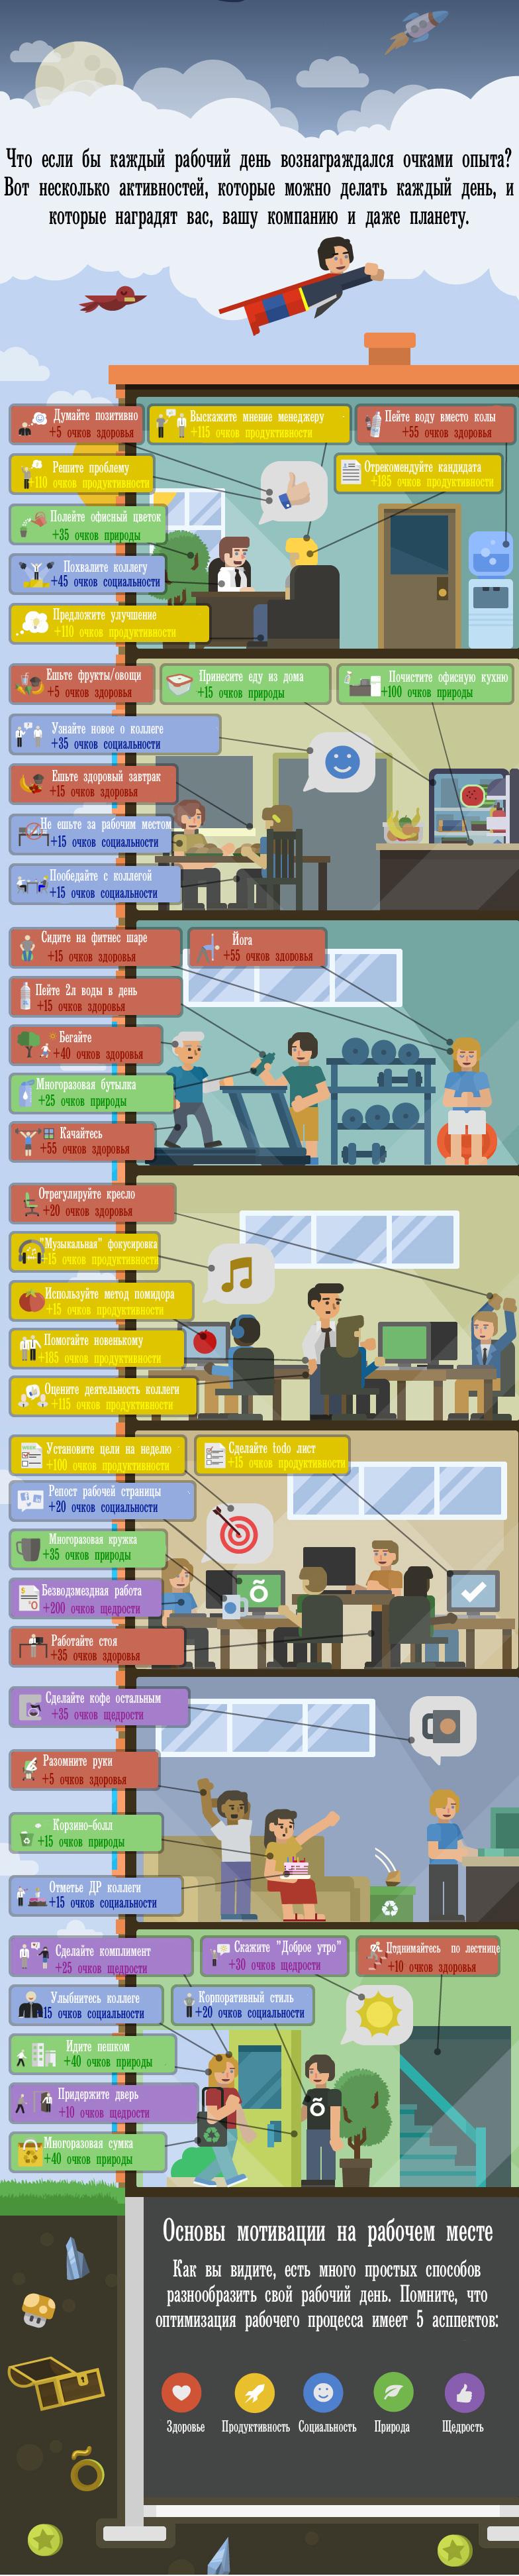 Инфографика 44 активности для наслаждения работой